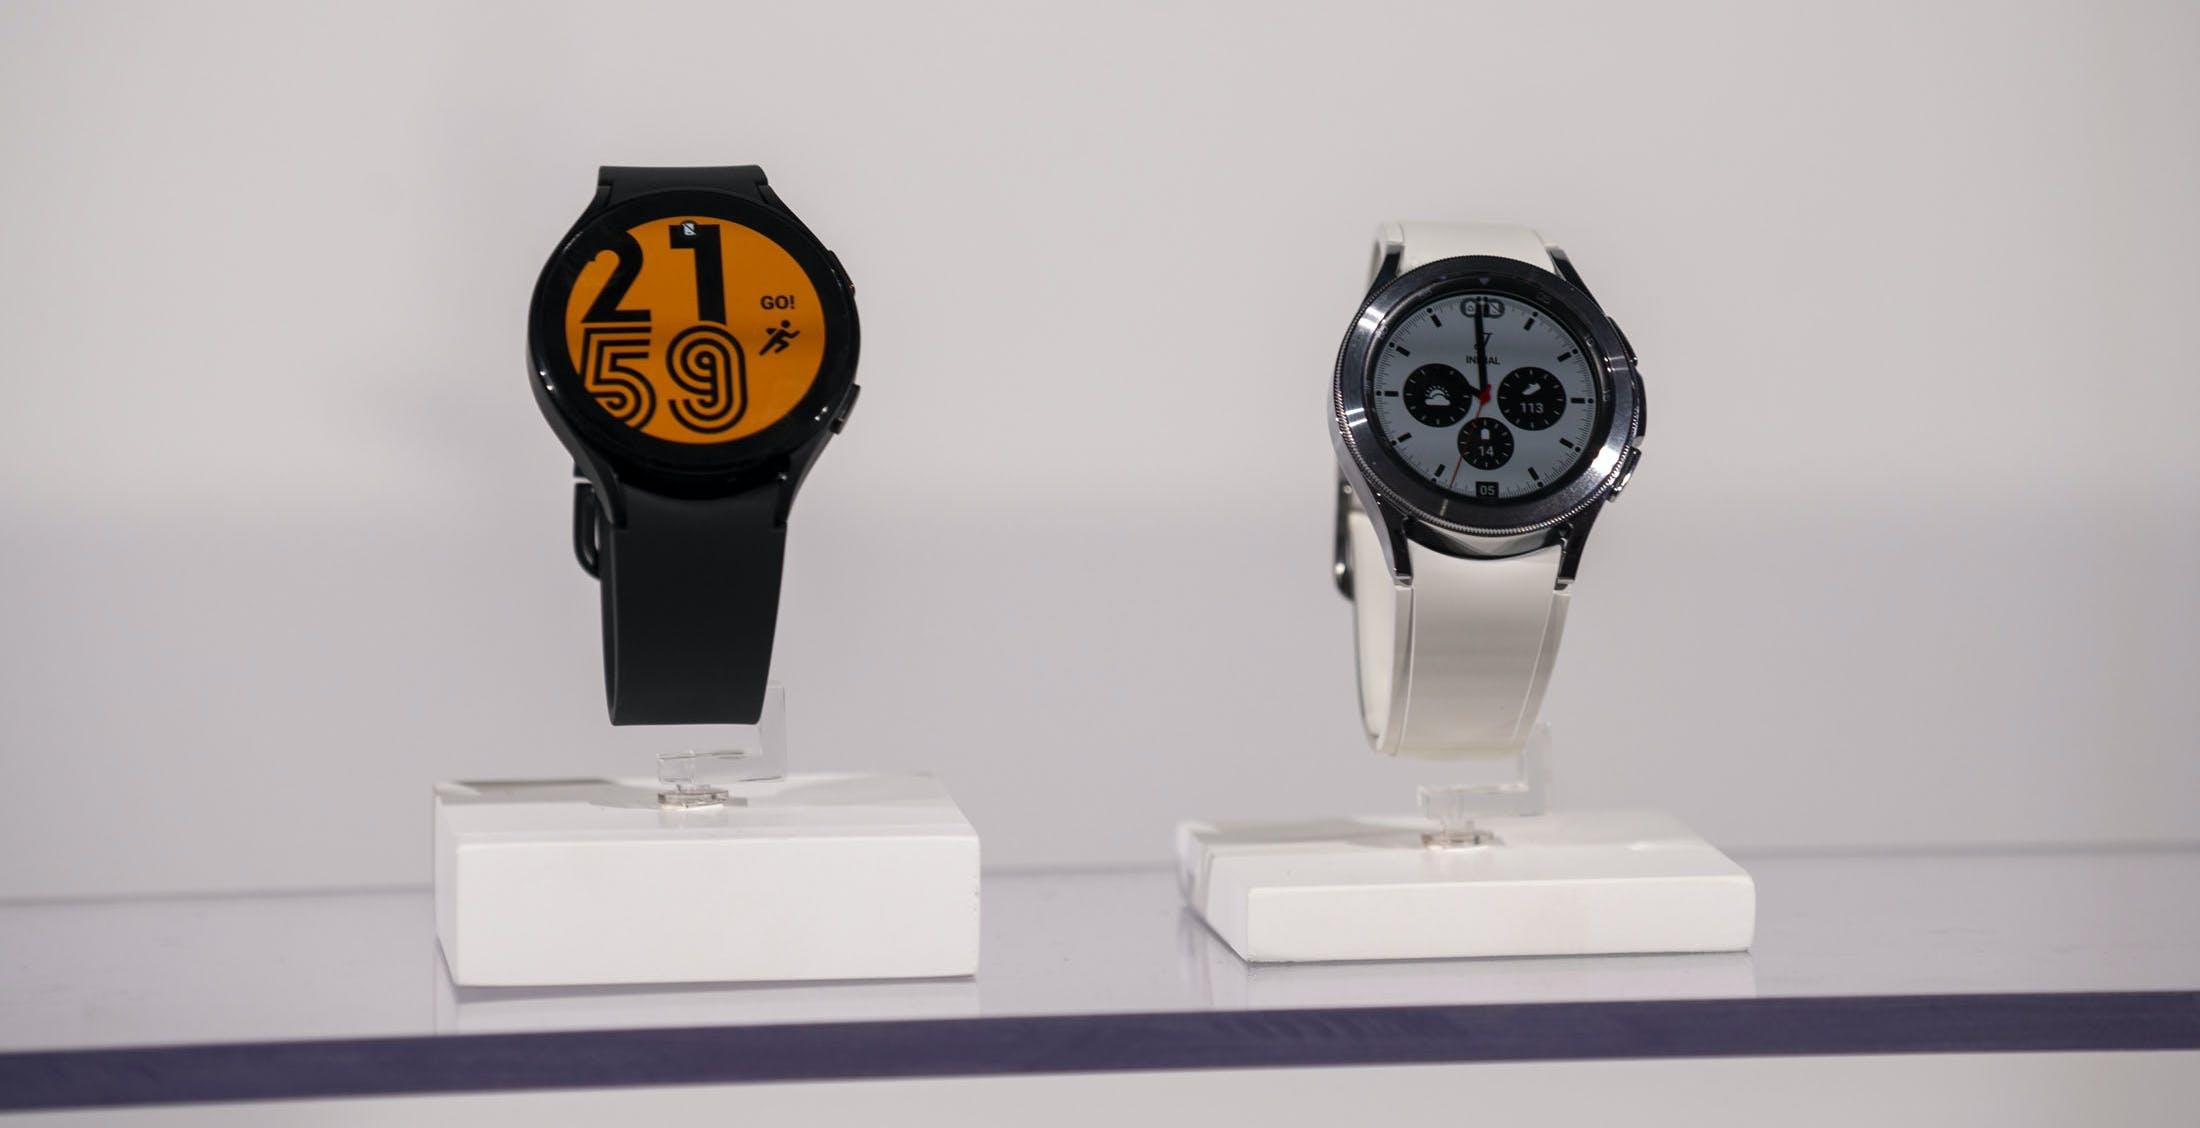 Ecco Galaxy Watch4: per il nuovo smartwatch Samsung arrivano WearOS powered by Samsung e un processore tutto nuovo